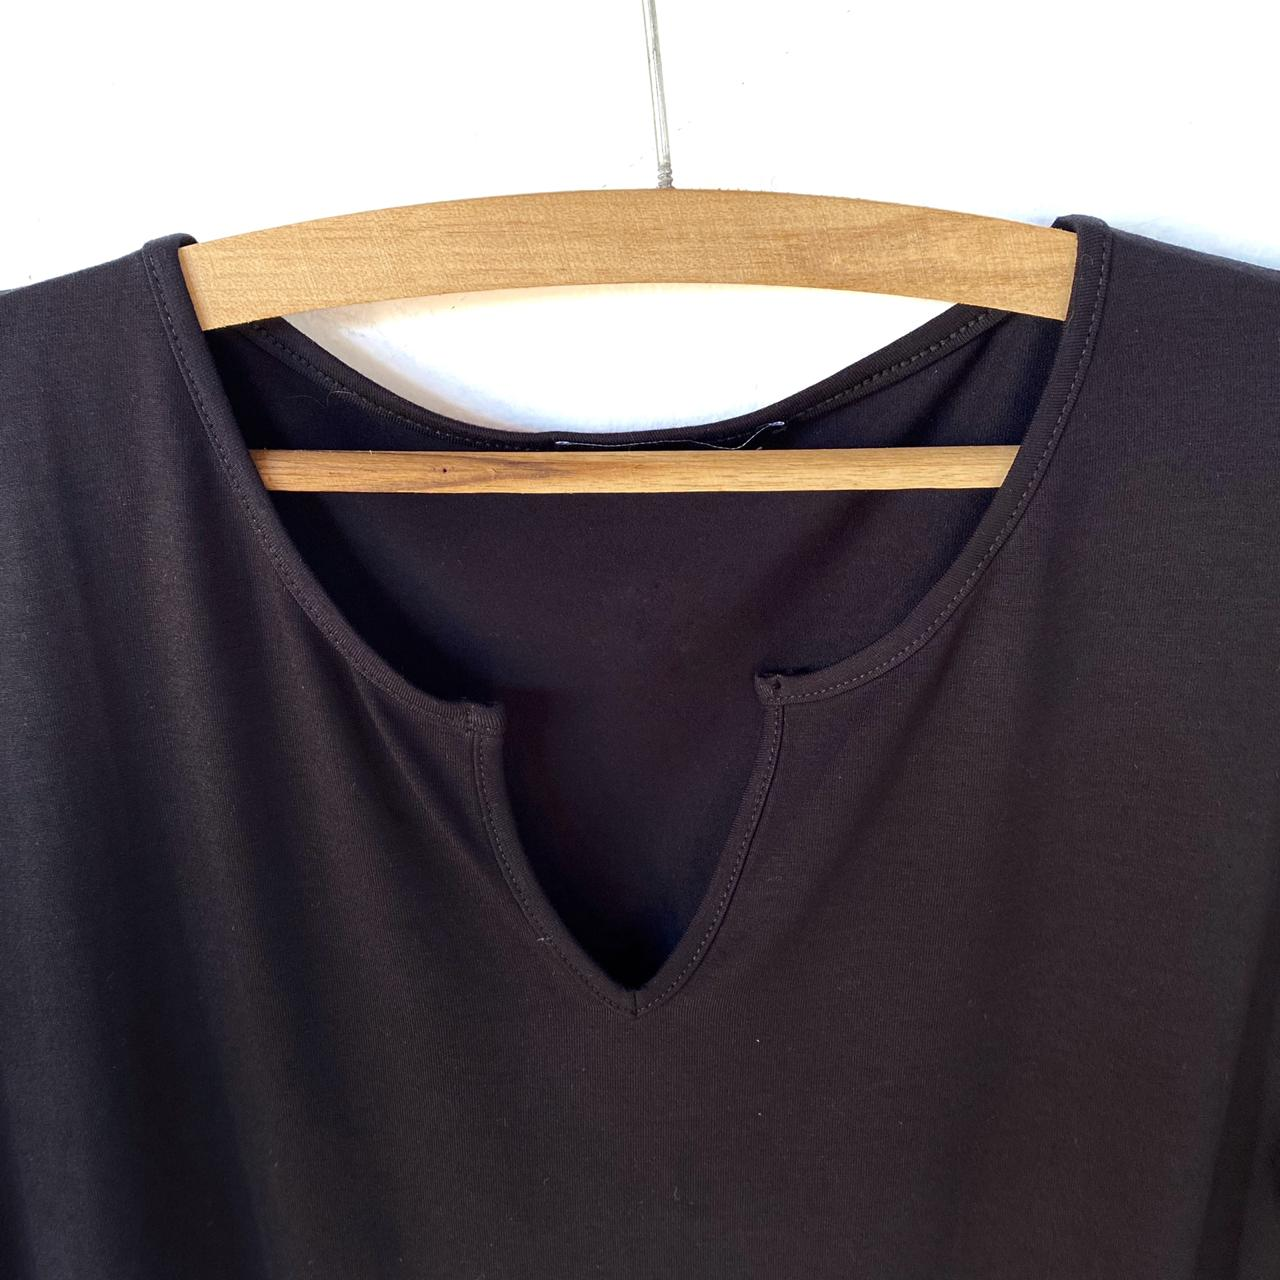 Blusa decote careca com vezinho  - Vivian Bógus